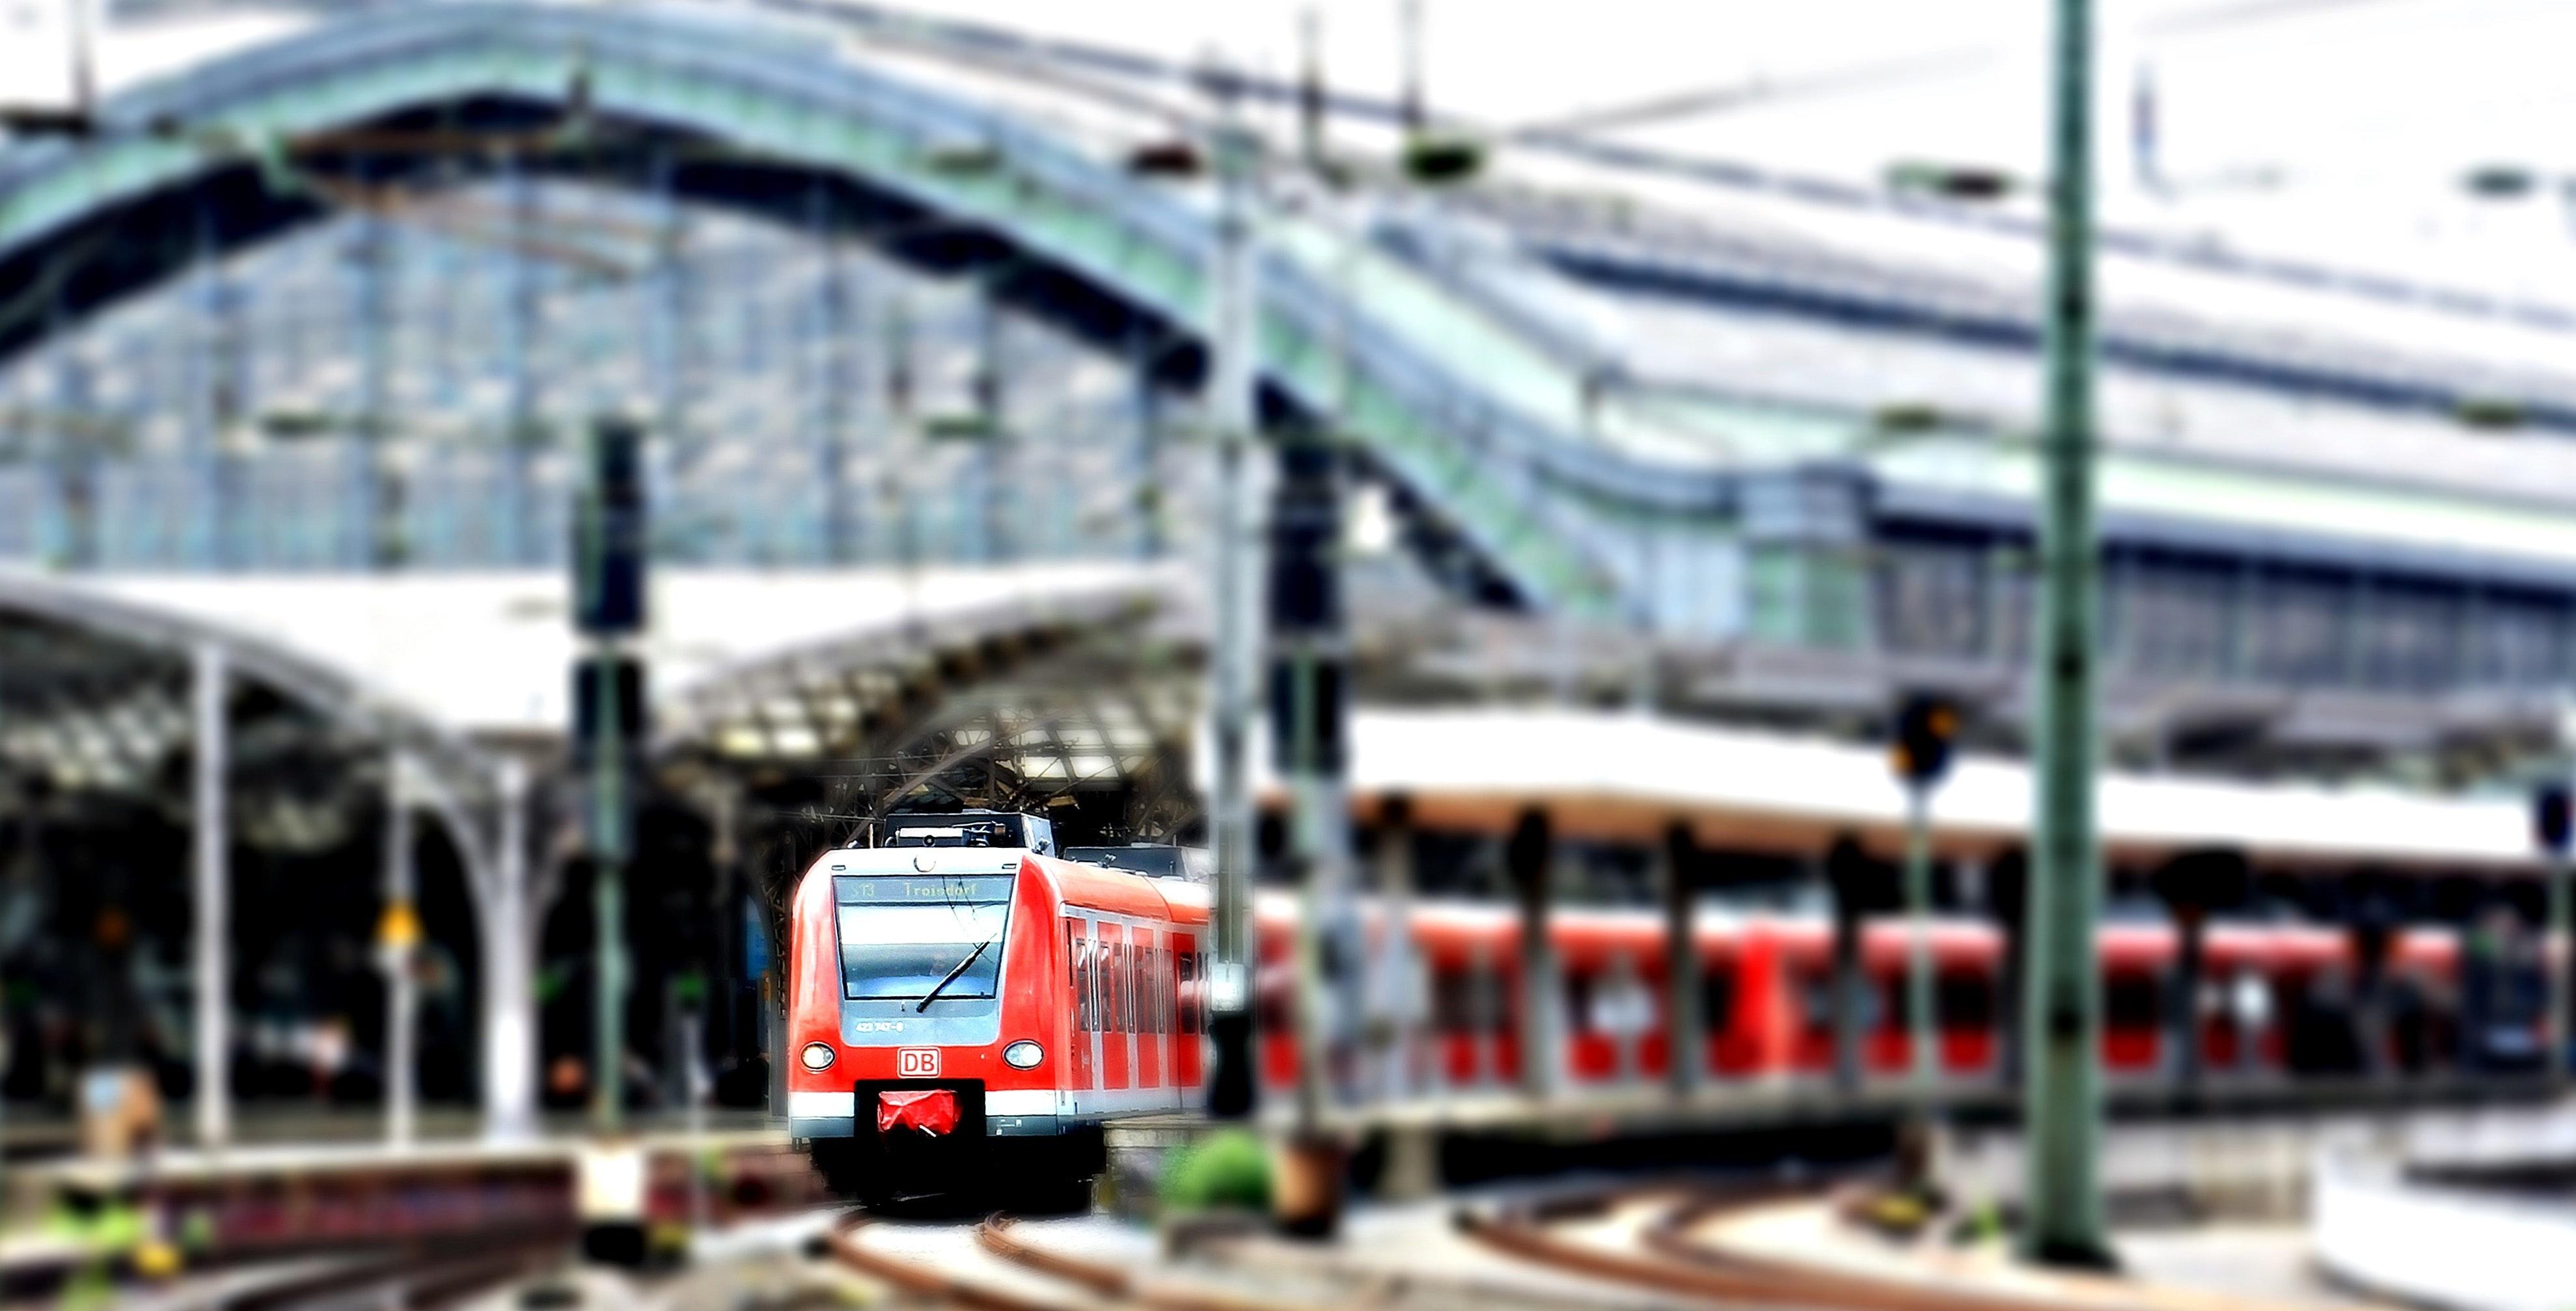 germany train, deutschebahn, bahn de, german railwaypass